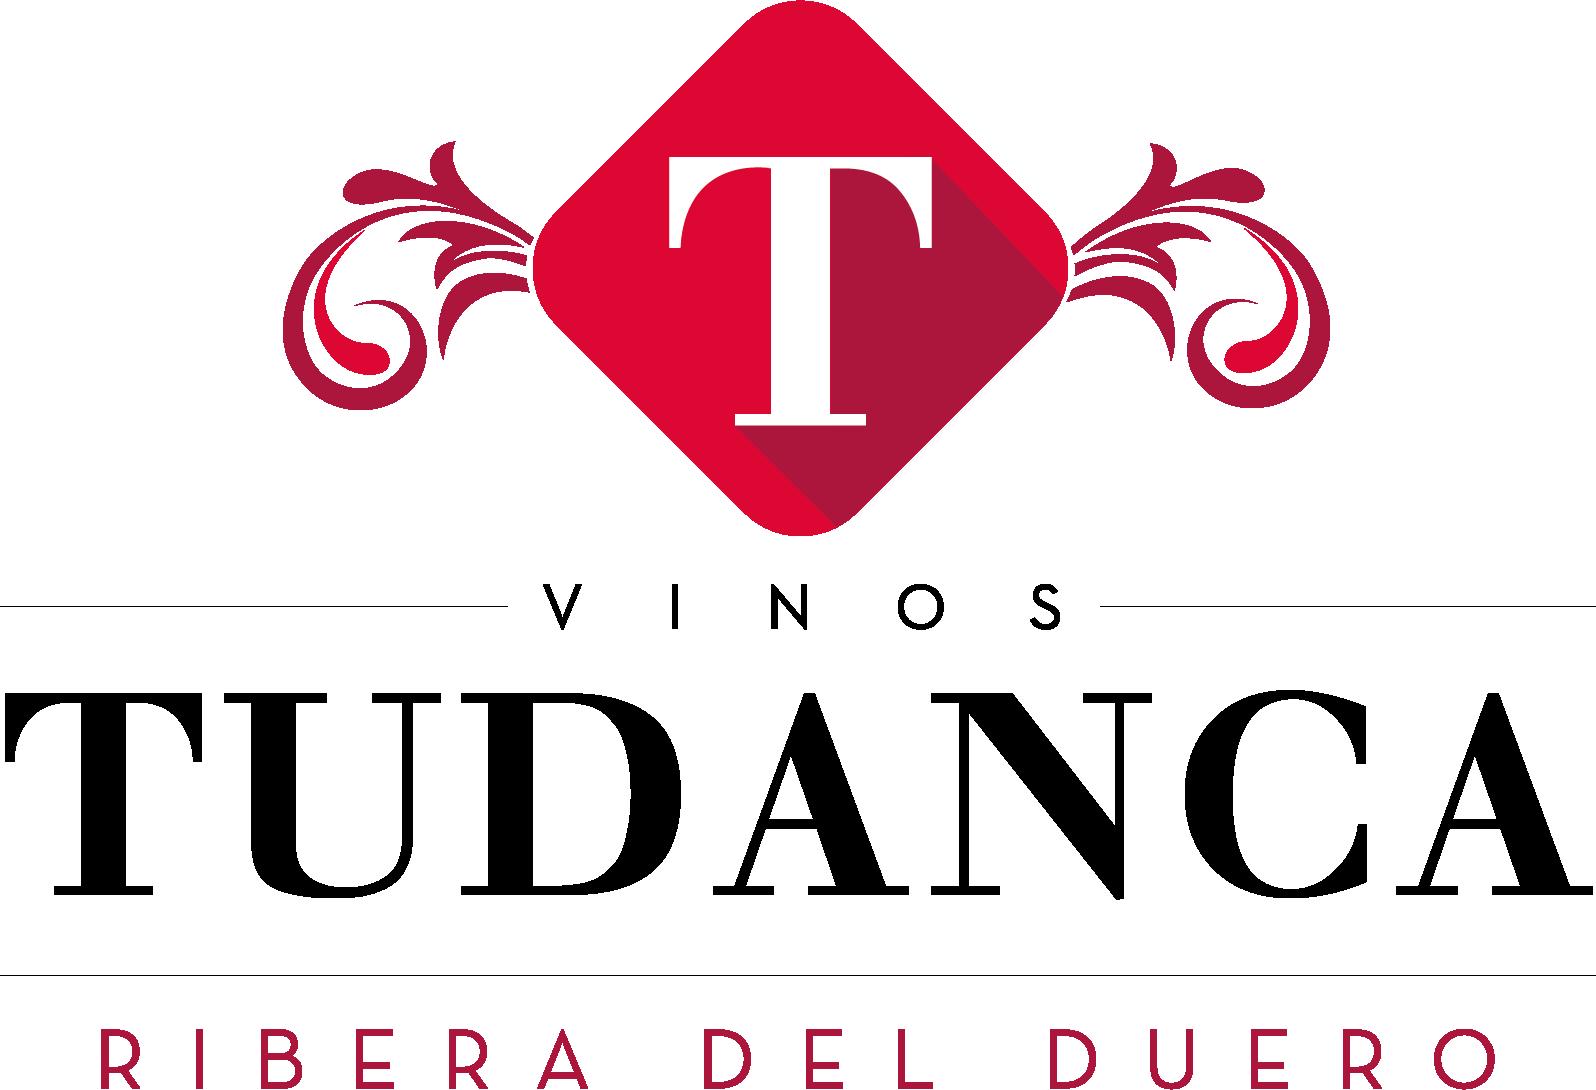 logo-vinos-tudanca